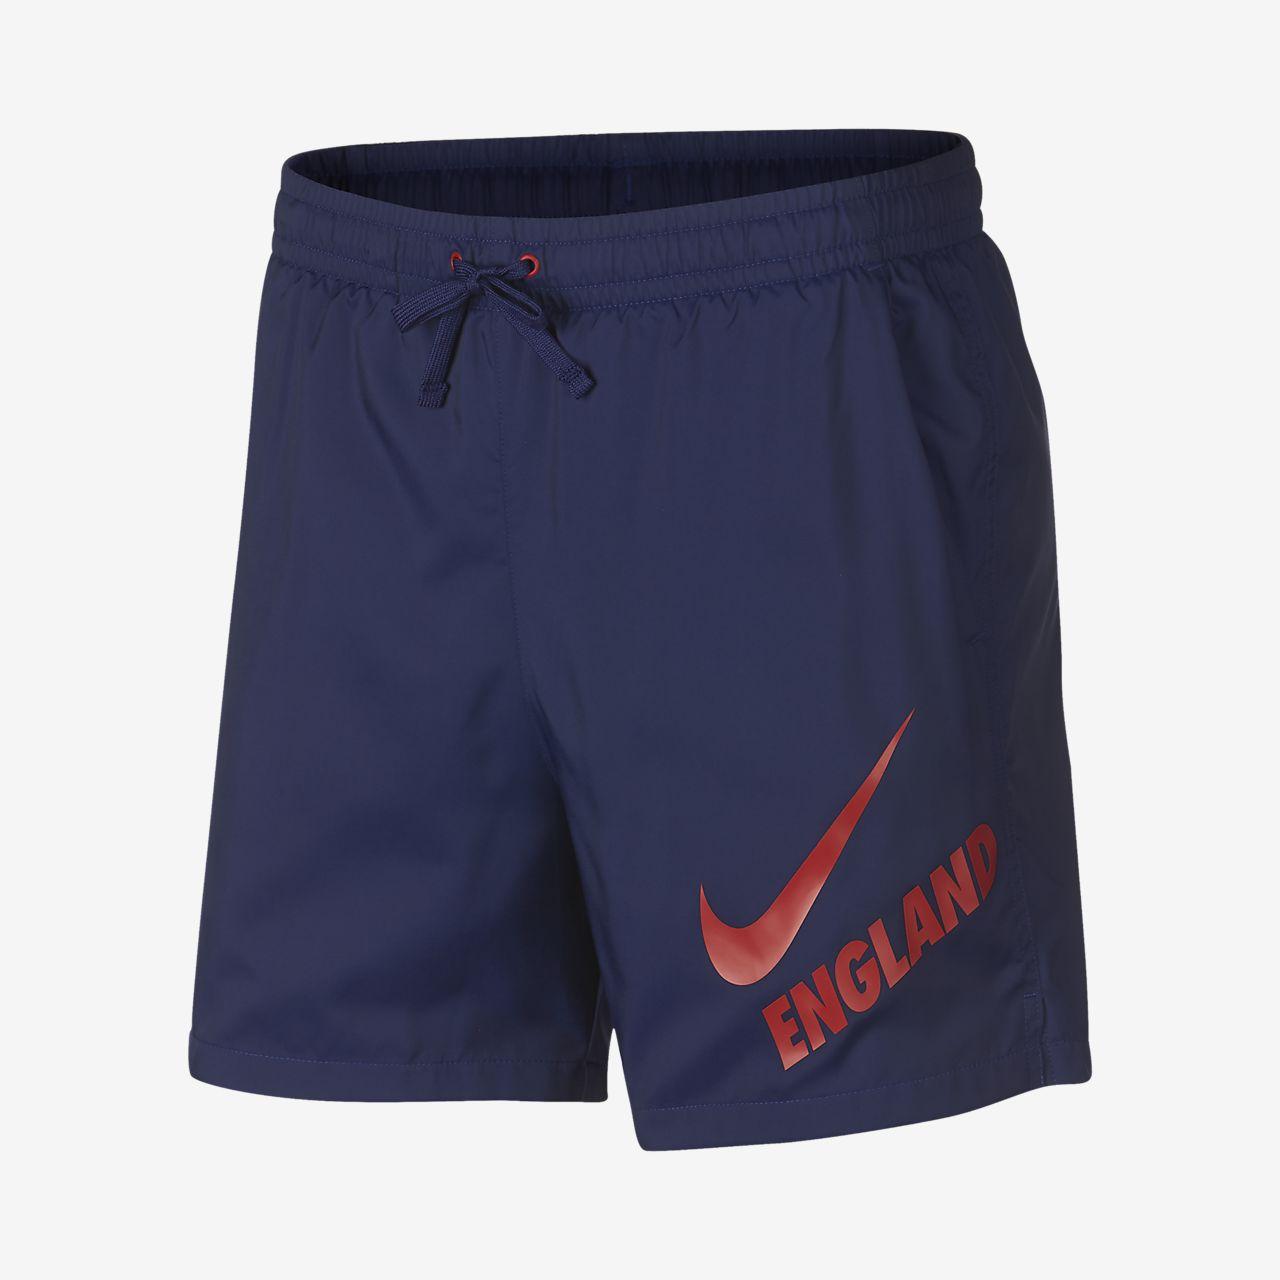 England Men's Woven Shorts